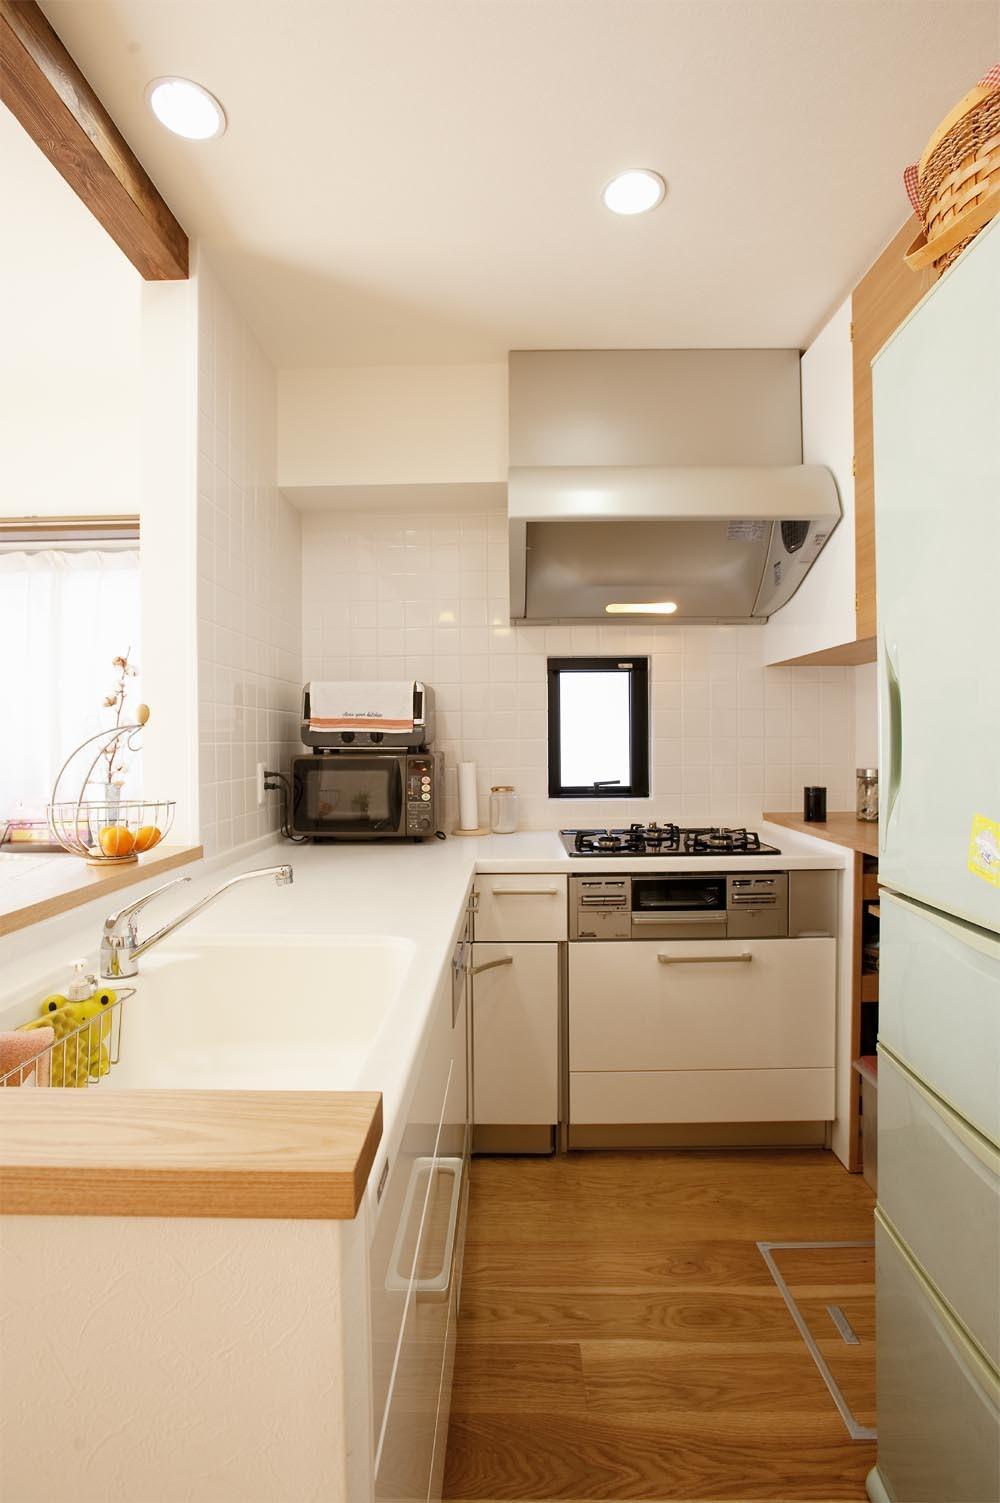 キッチン事例:キッチン(30センチからうまれた、広がりを感じるリビング)